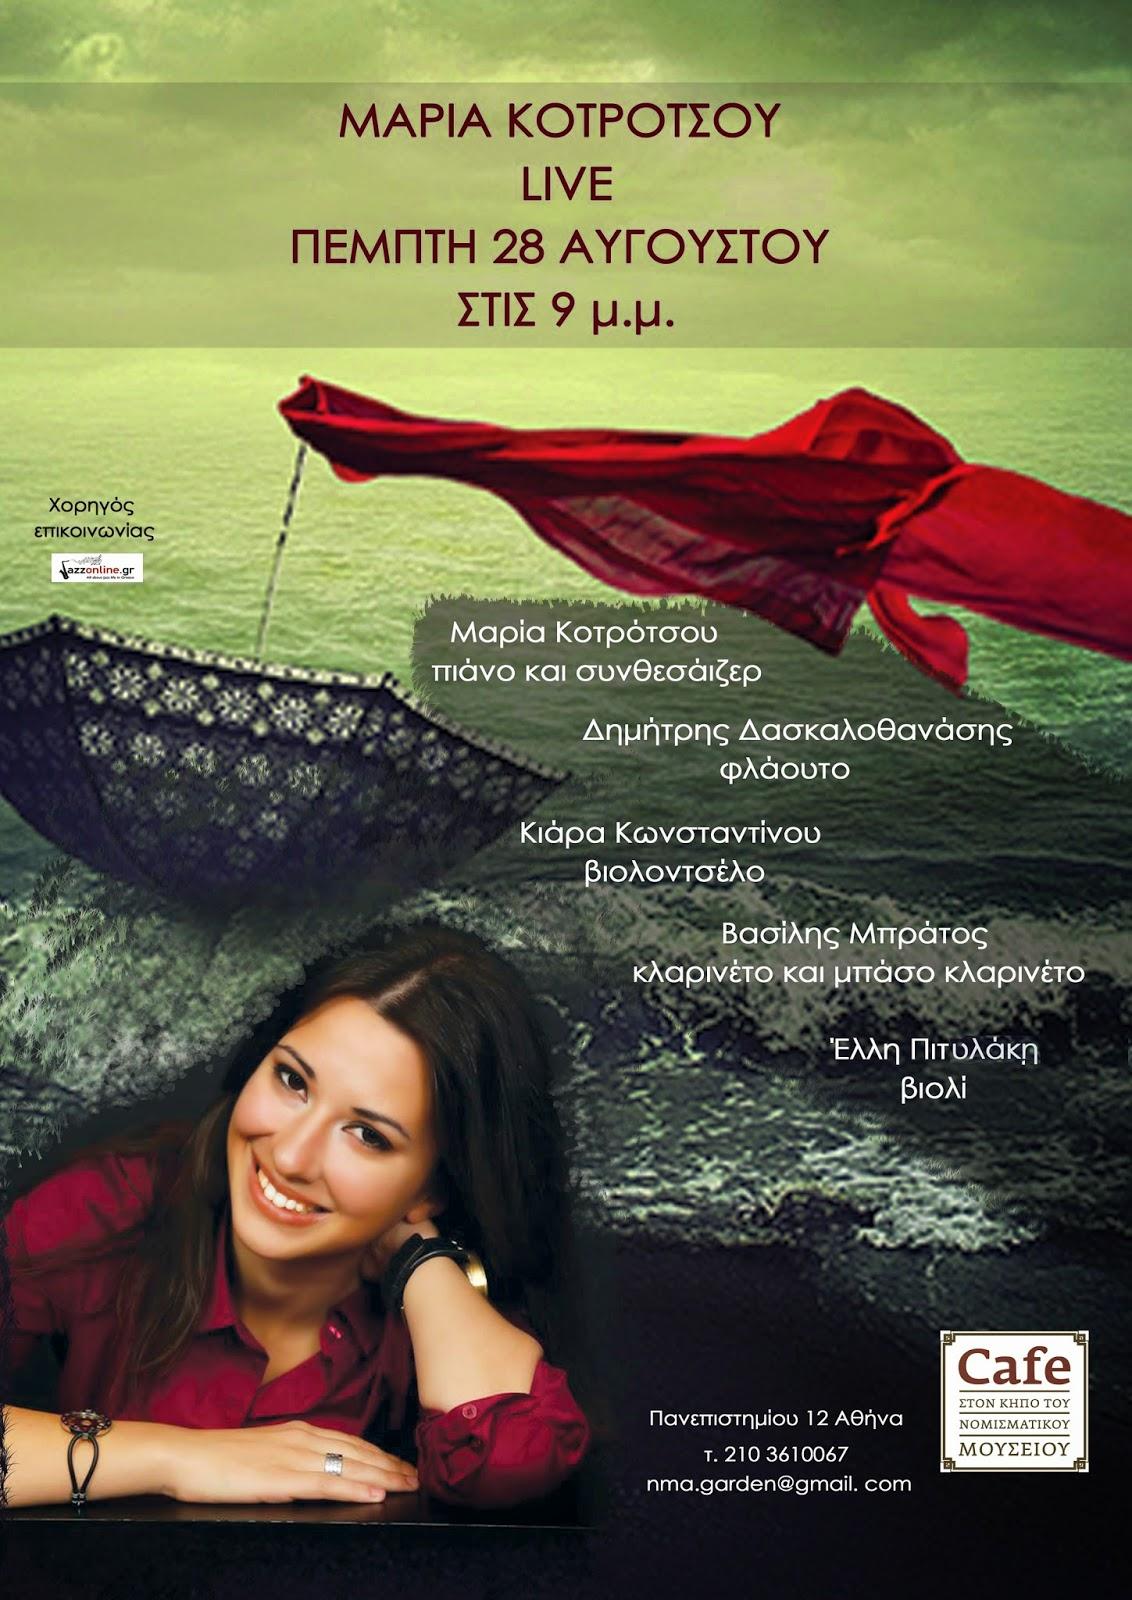 maria-kotrotsou-live-ston-kipo-tou-nomismatikoy-mouseiou-tin-pempti-28-avgoystou-2014